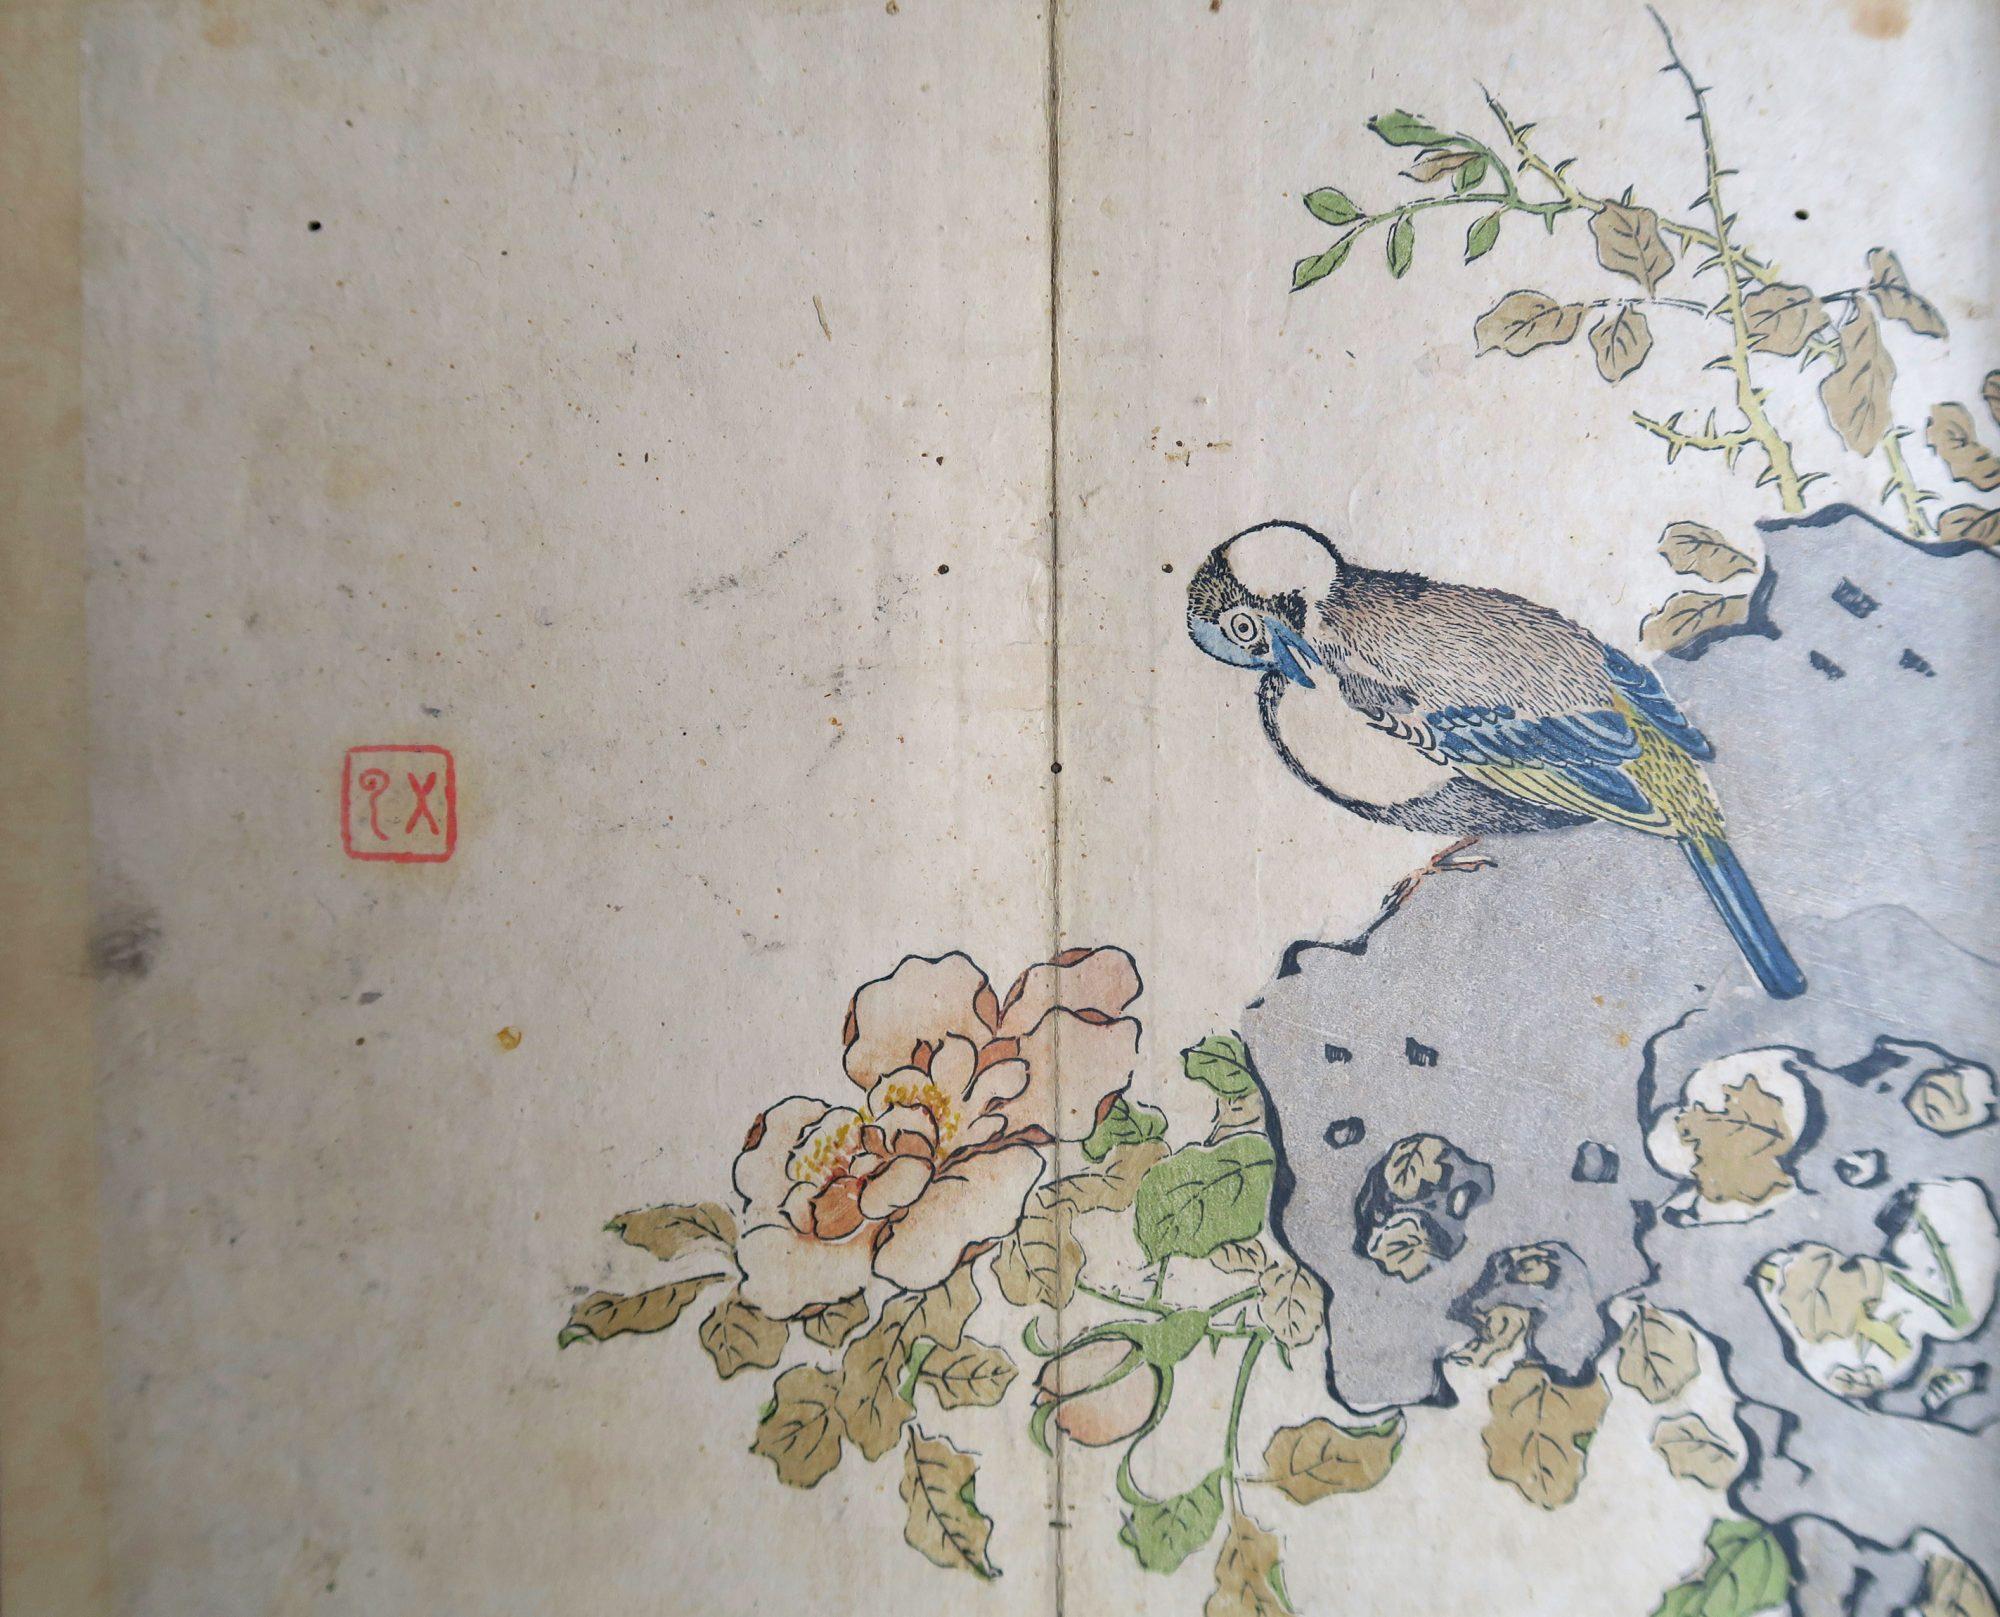 十竹斎書画譜 Shizhuzhai shuhuapu. Album du Studio des dix bambous. — Ten Bamboo Studio Collection of Calligraphy and Painting]: 翎毛谱 (Lingmaopu, Birds)